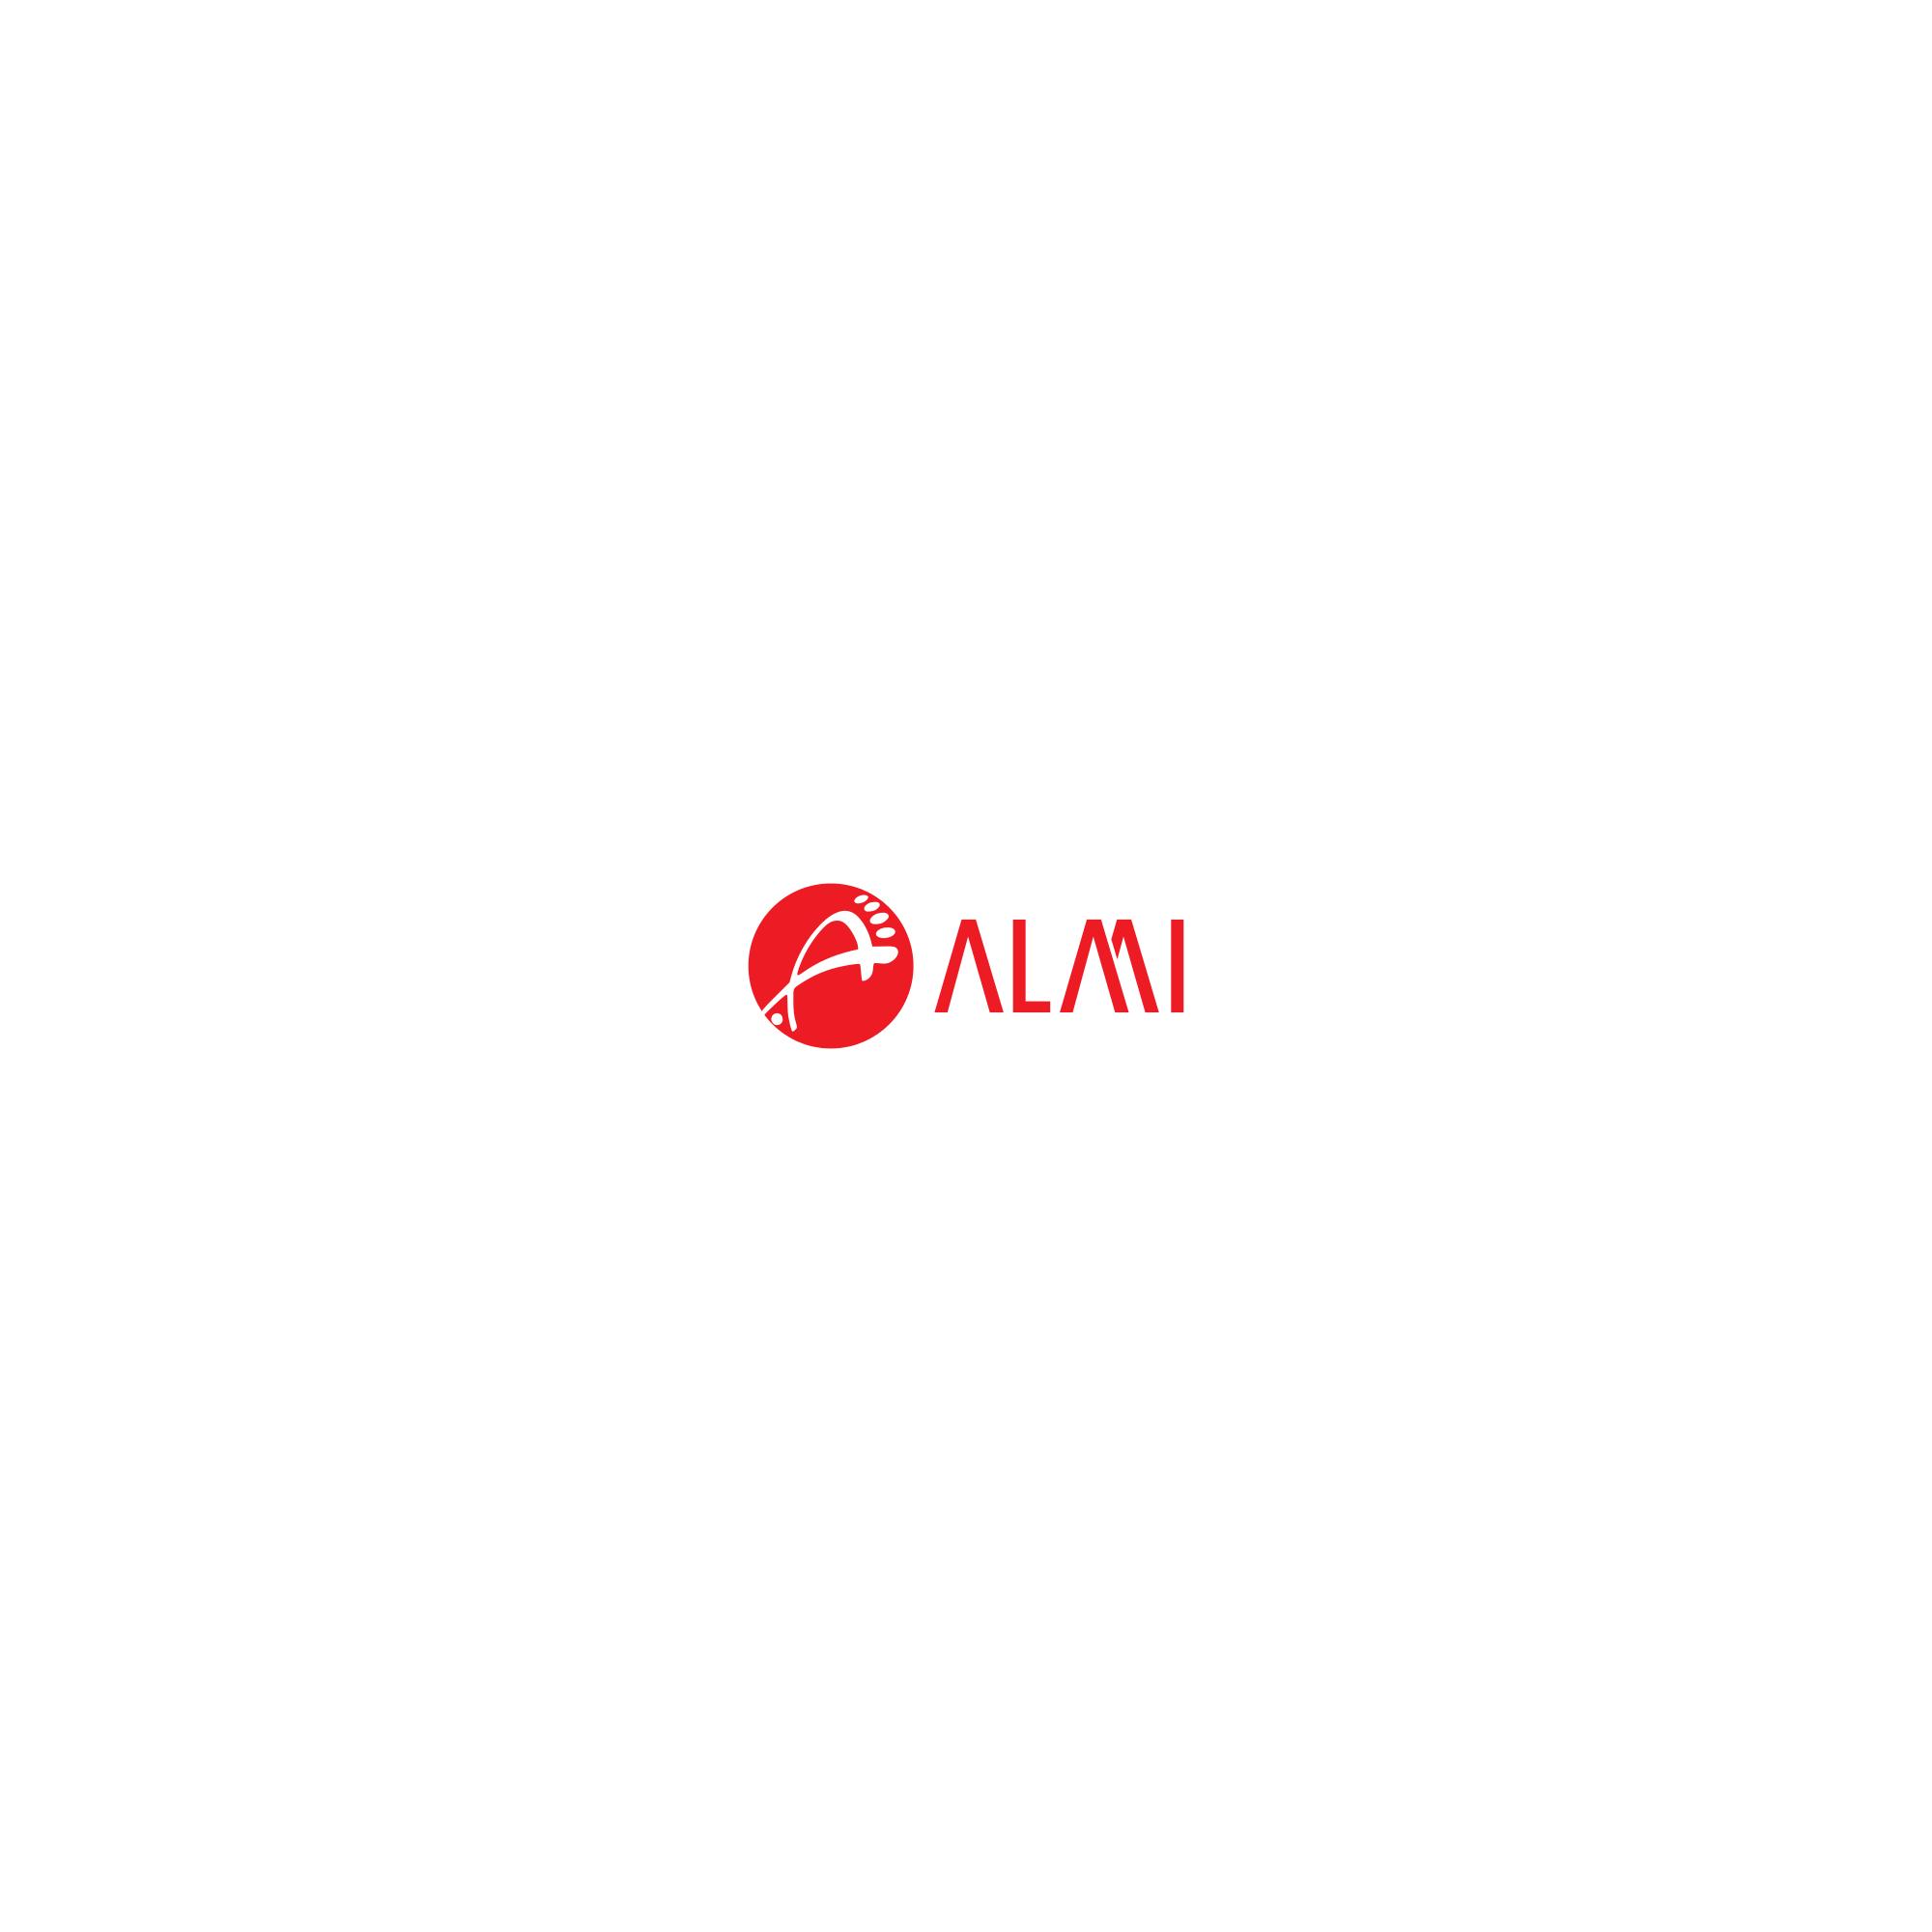 Дизайн логотипа обувной марки Алми фото f_75559f12b3c789fd.png